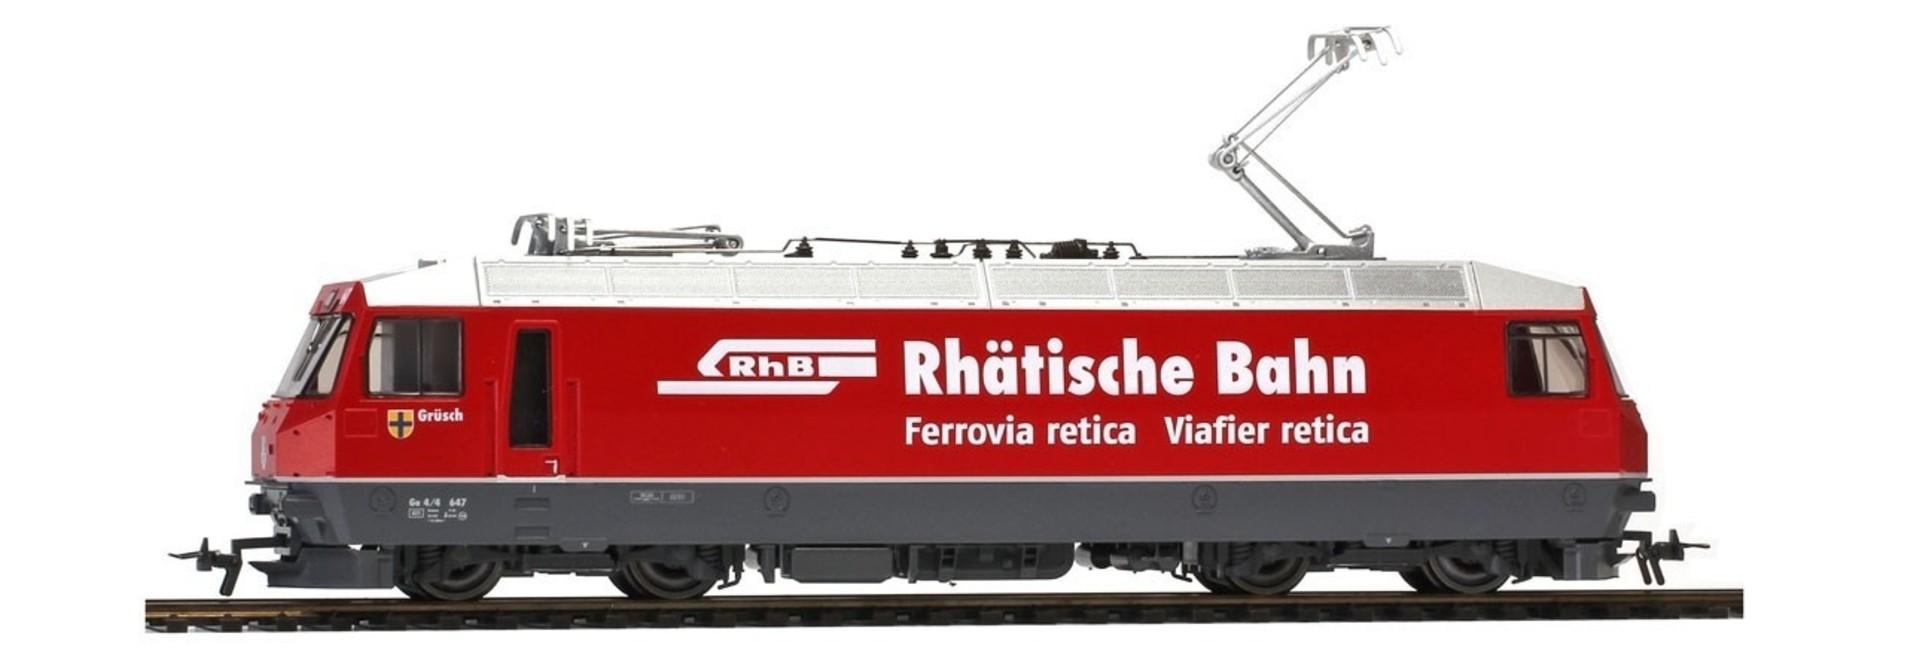 """1259167 RhB Ge 4/4 III 647 """"Rhätische Bahn"""" neurot"""